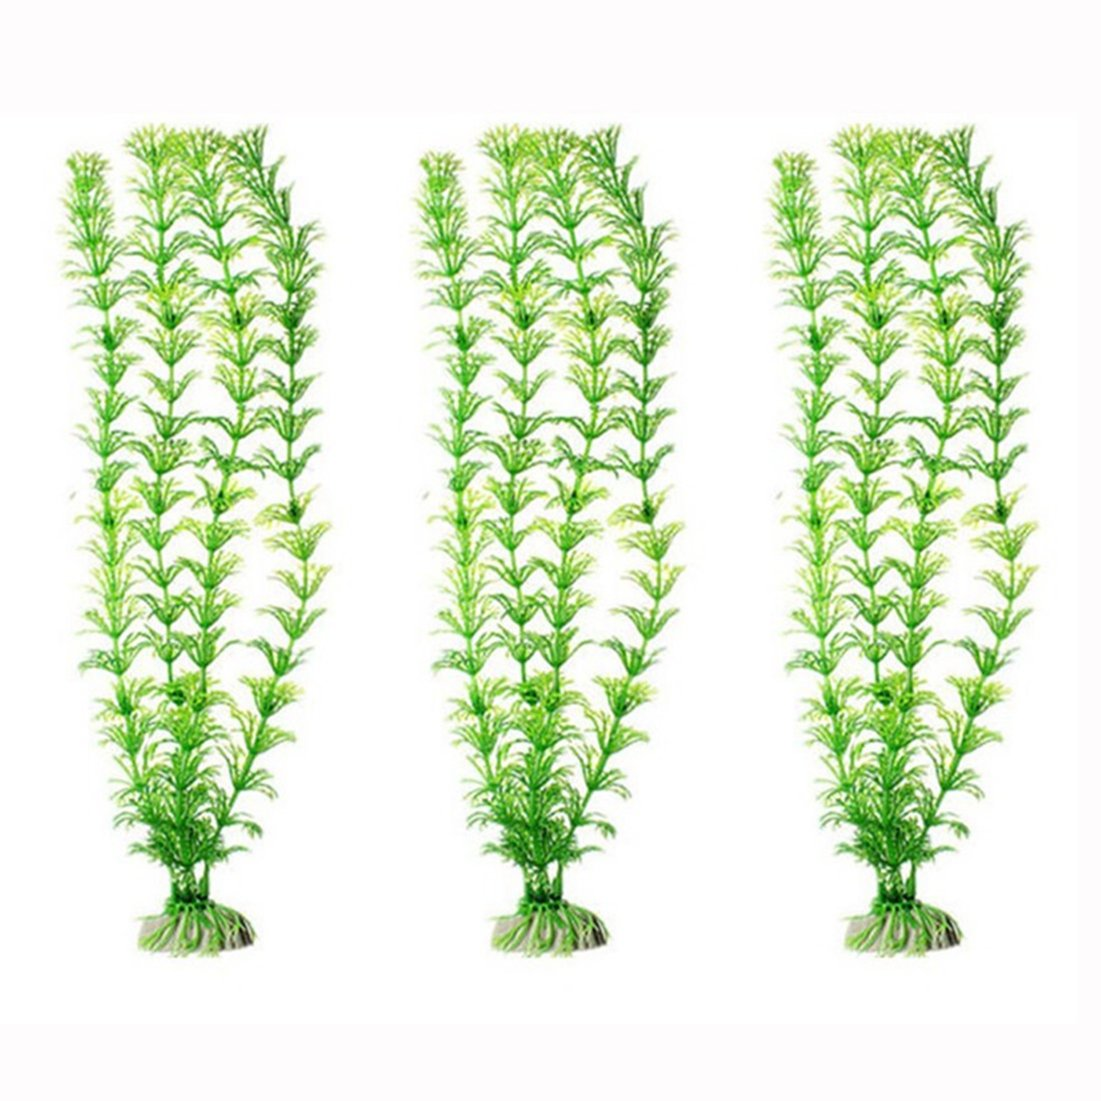 Rurah Ornament Artificial Green Plant Grass for Fish Tank Aquarium Decor Plastic Green Color